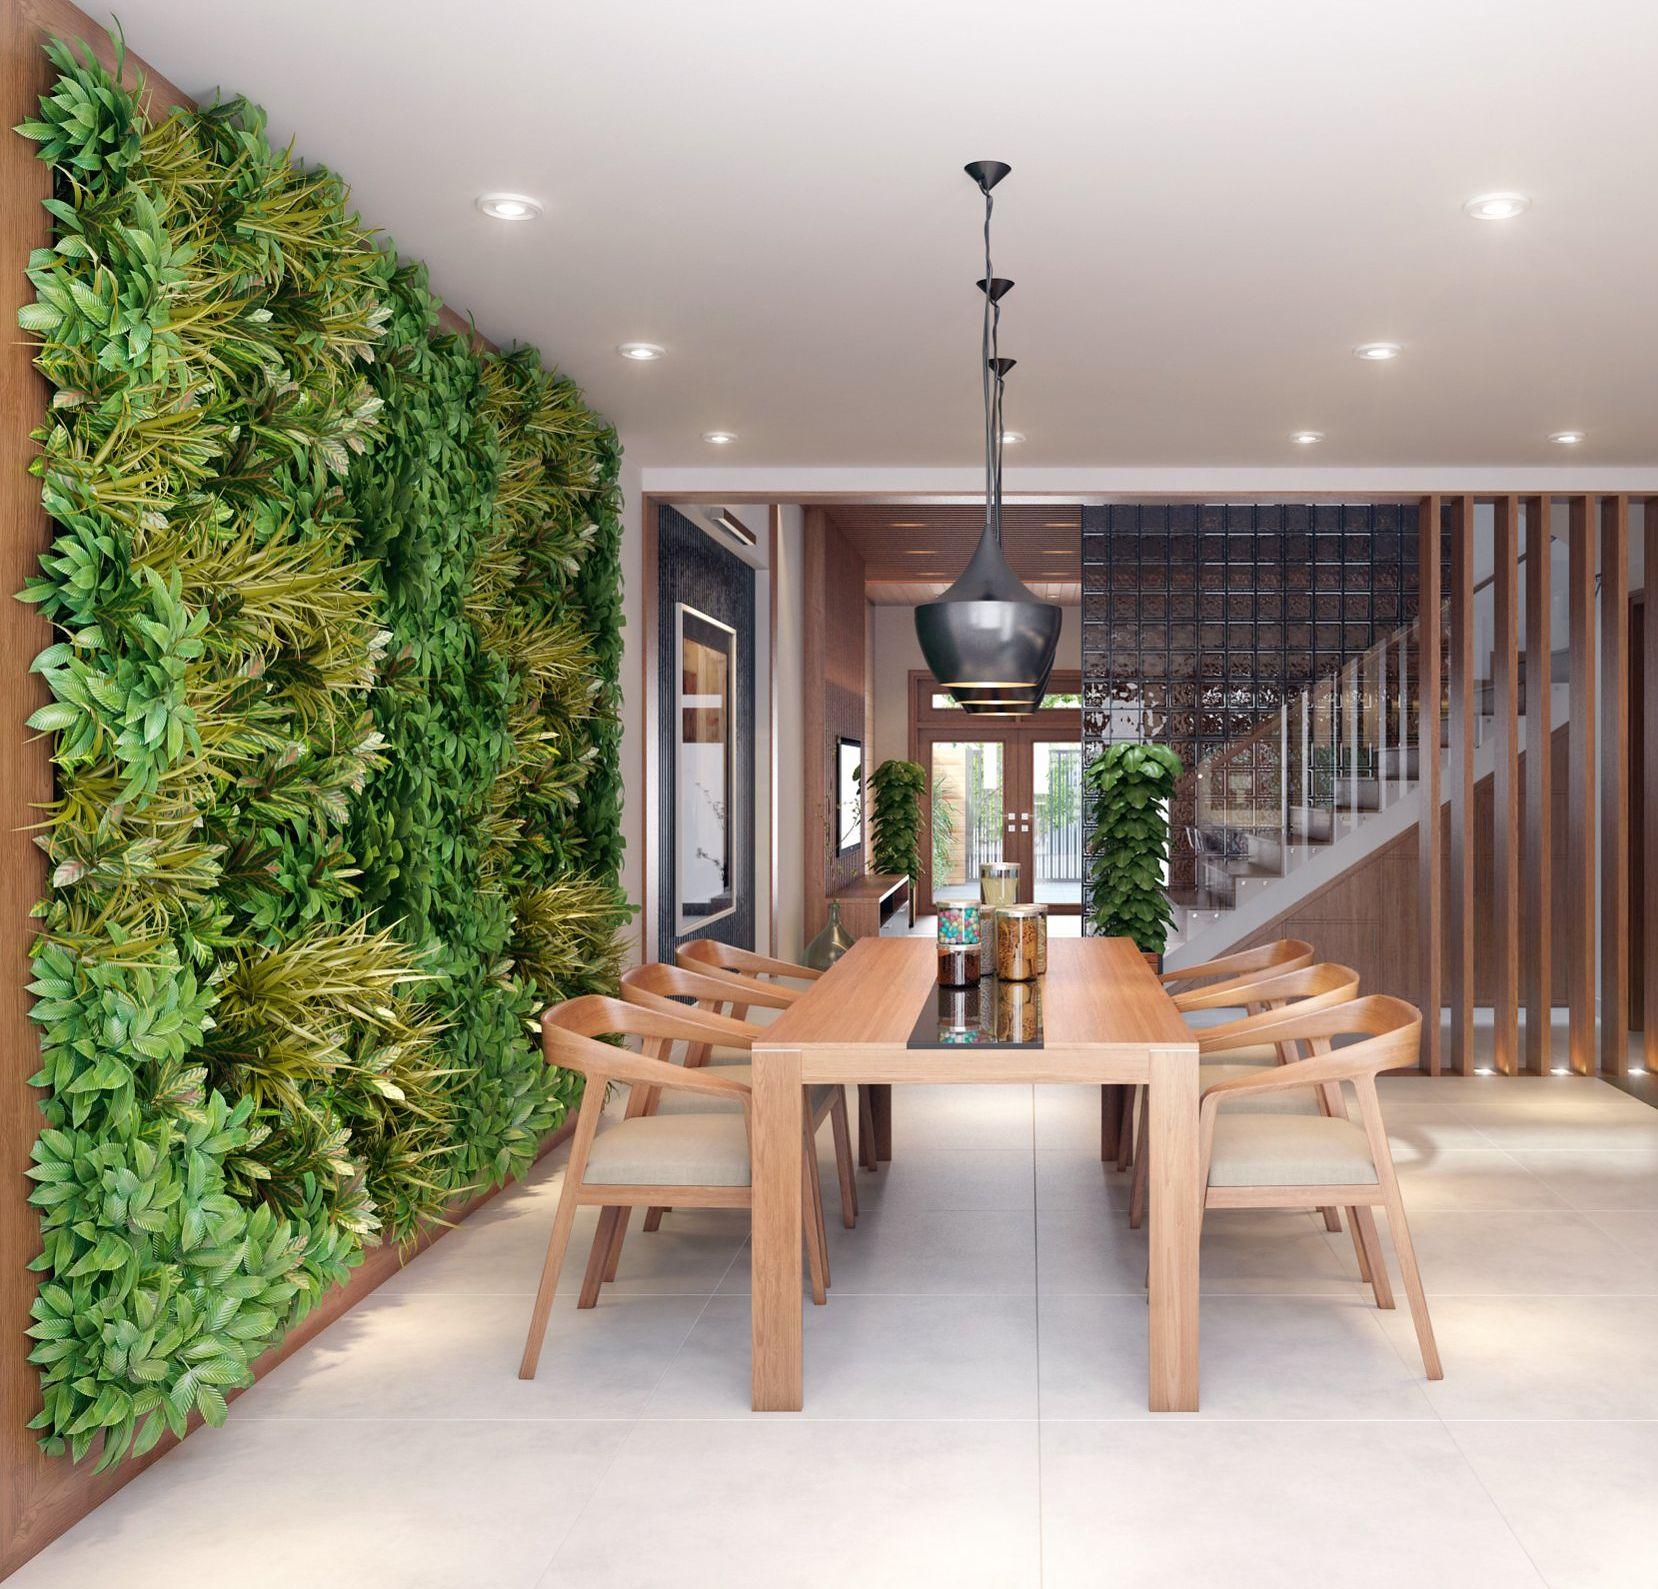 Zrób Sobie Ogród W Salonie Efektowne Sposoby Eksponowania Zieleni Na ścianach Wp Dom